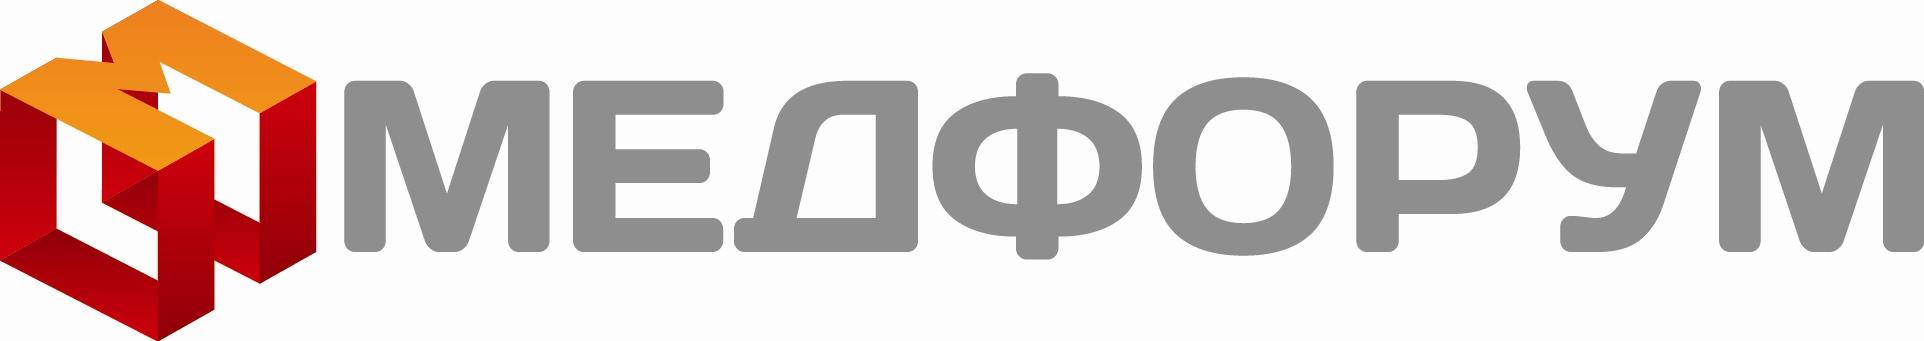 Medforum_logo_simple